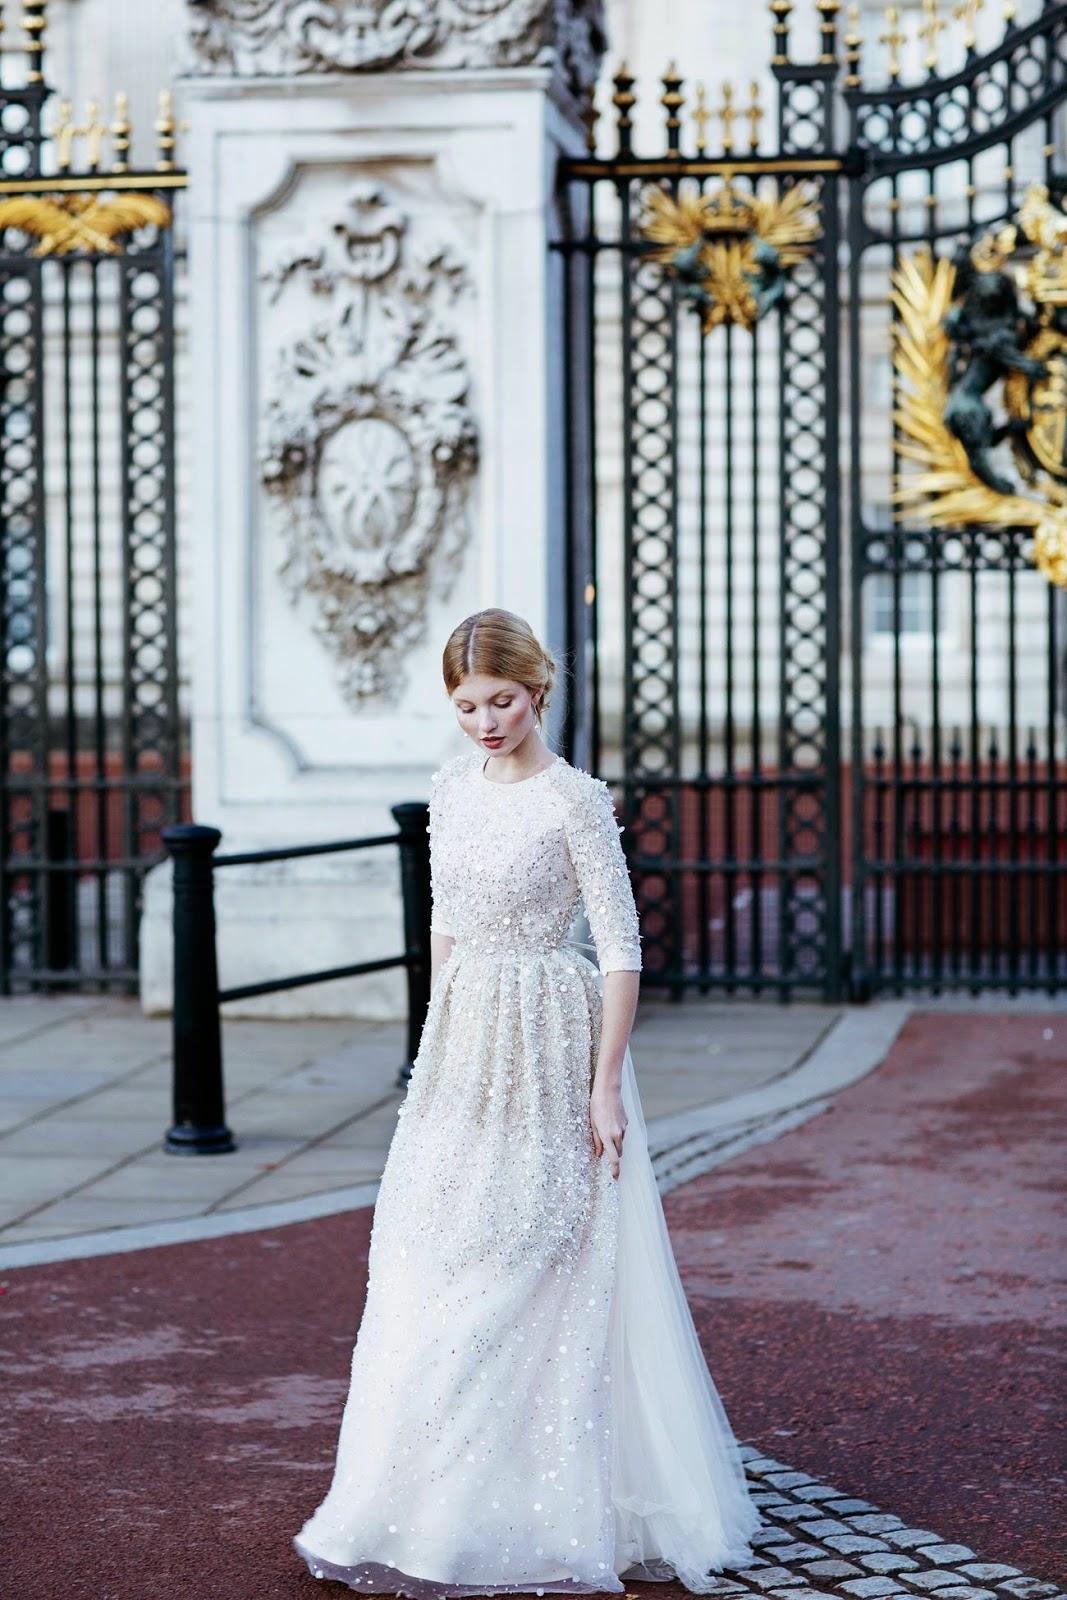 Espectaculares vestidos de novias | Colección Chana Marelus | Somos ...